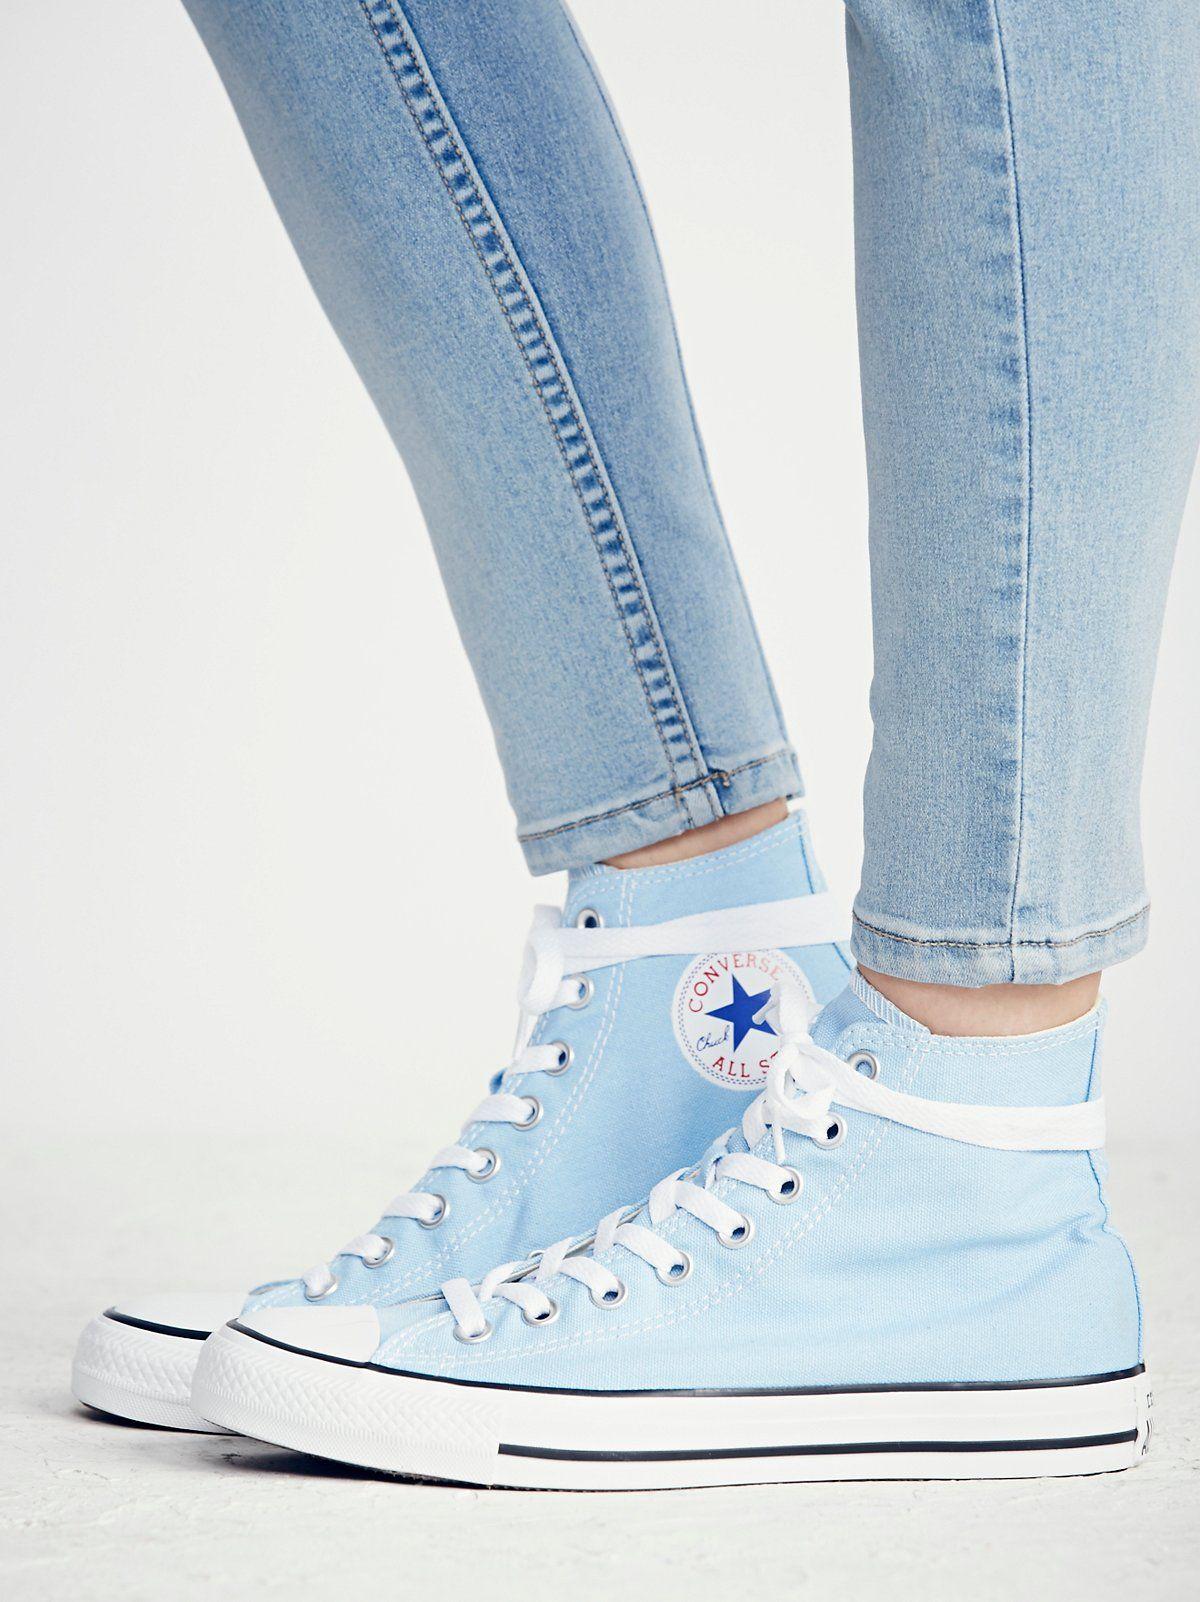 d2cb2cd1cec4 Charlie Hi Top Converse Sneaker